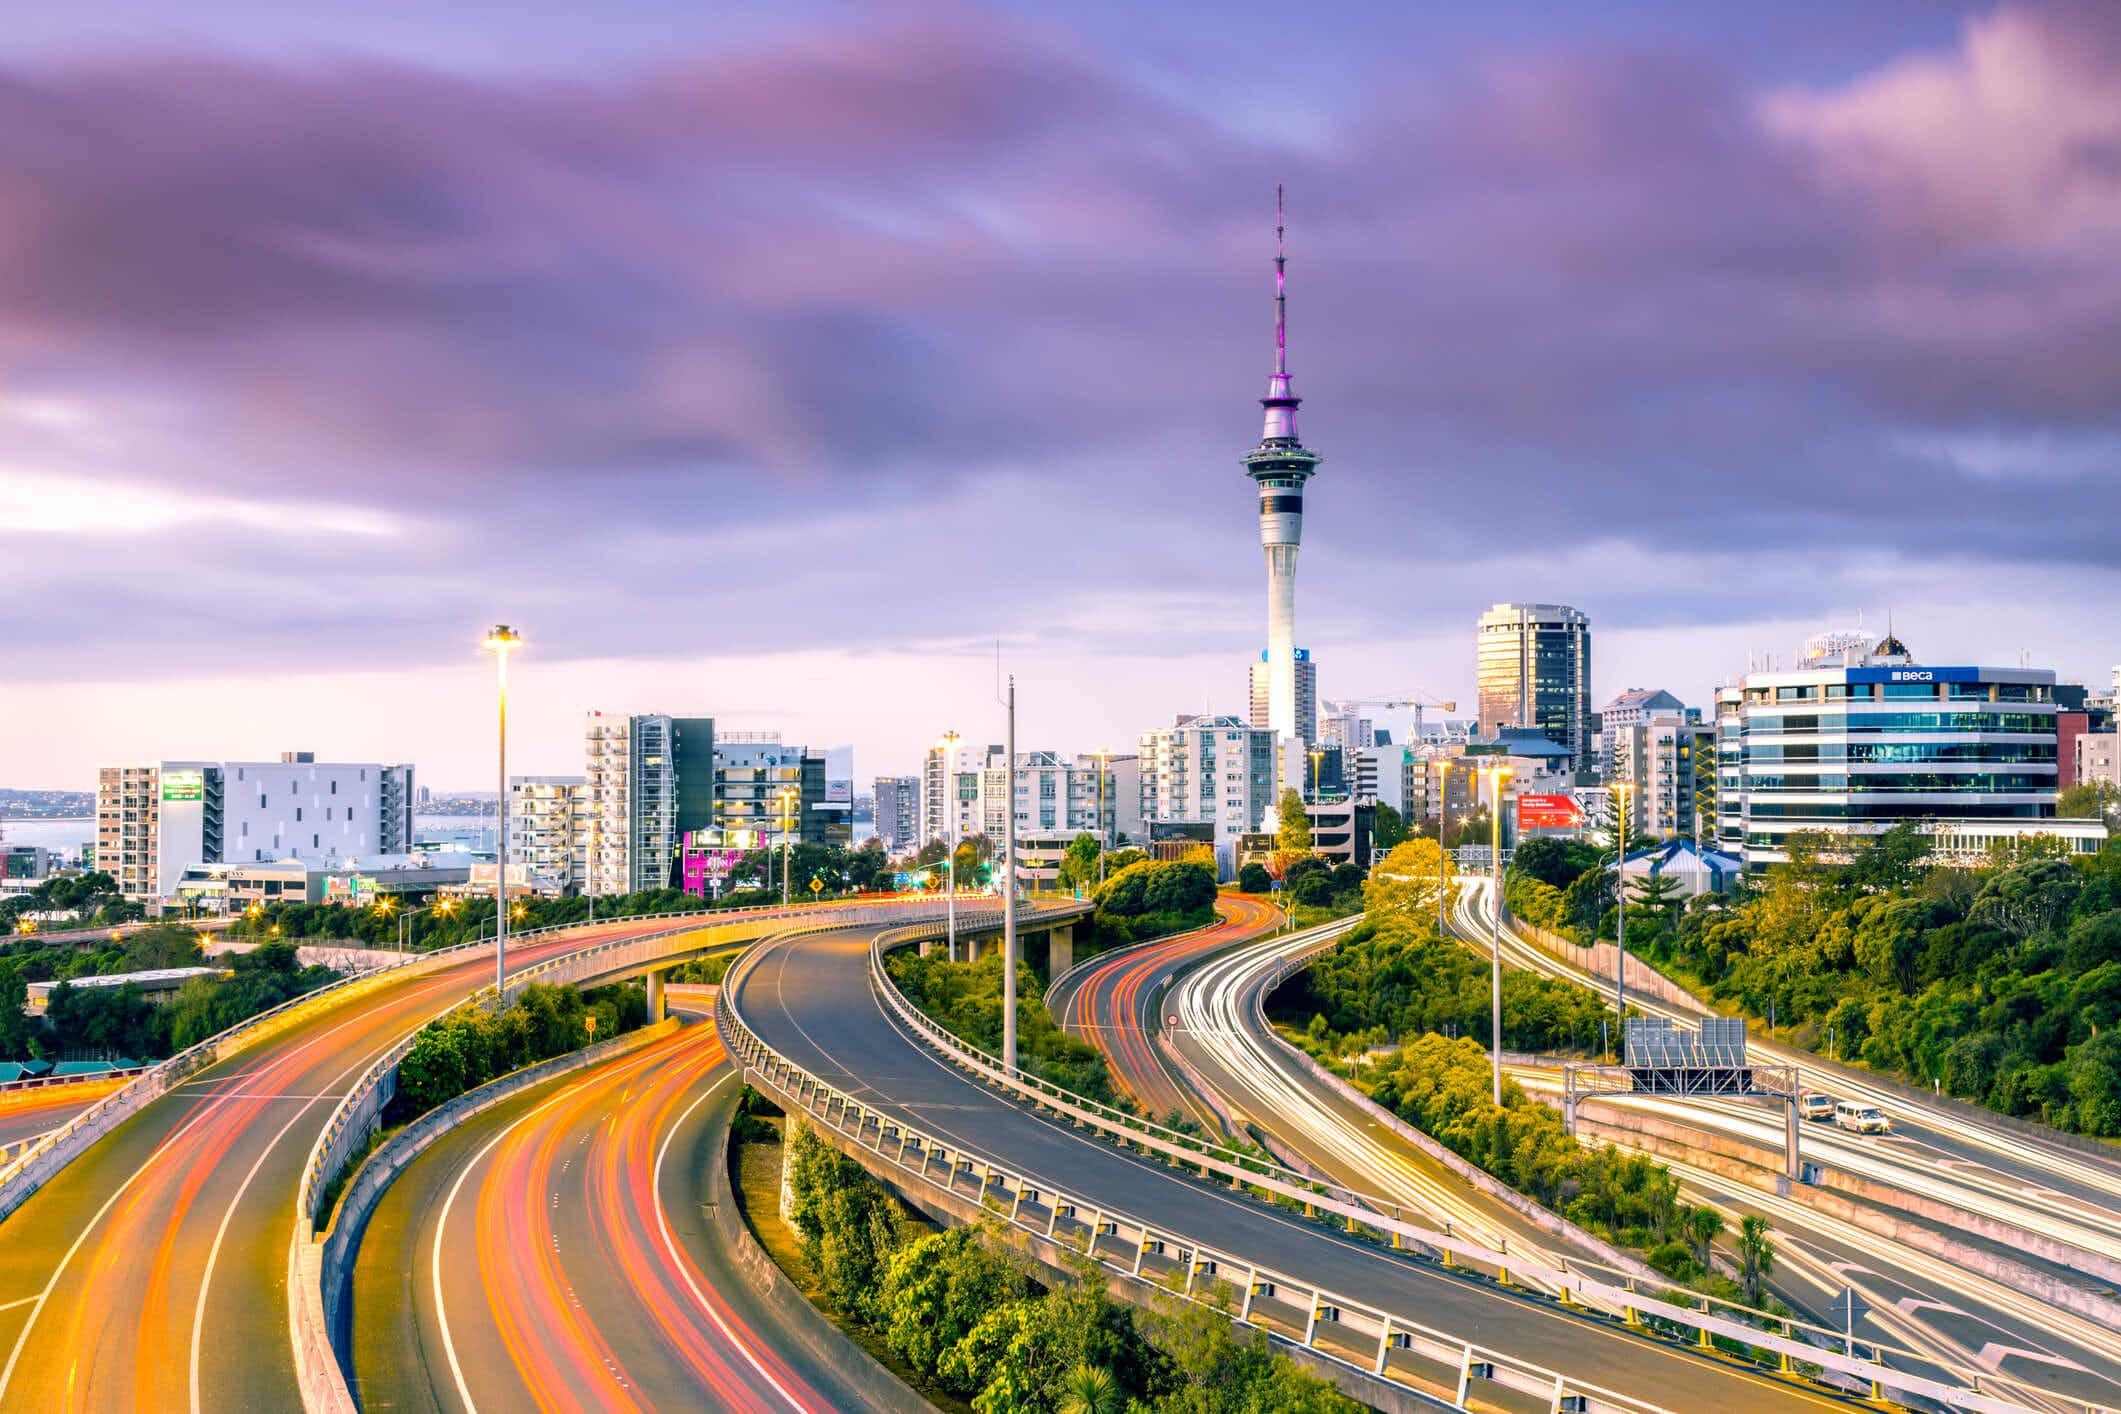 Auckland introduces rainbow themed new cycle paths